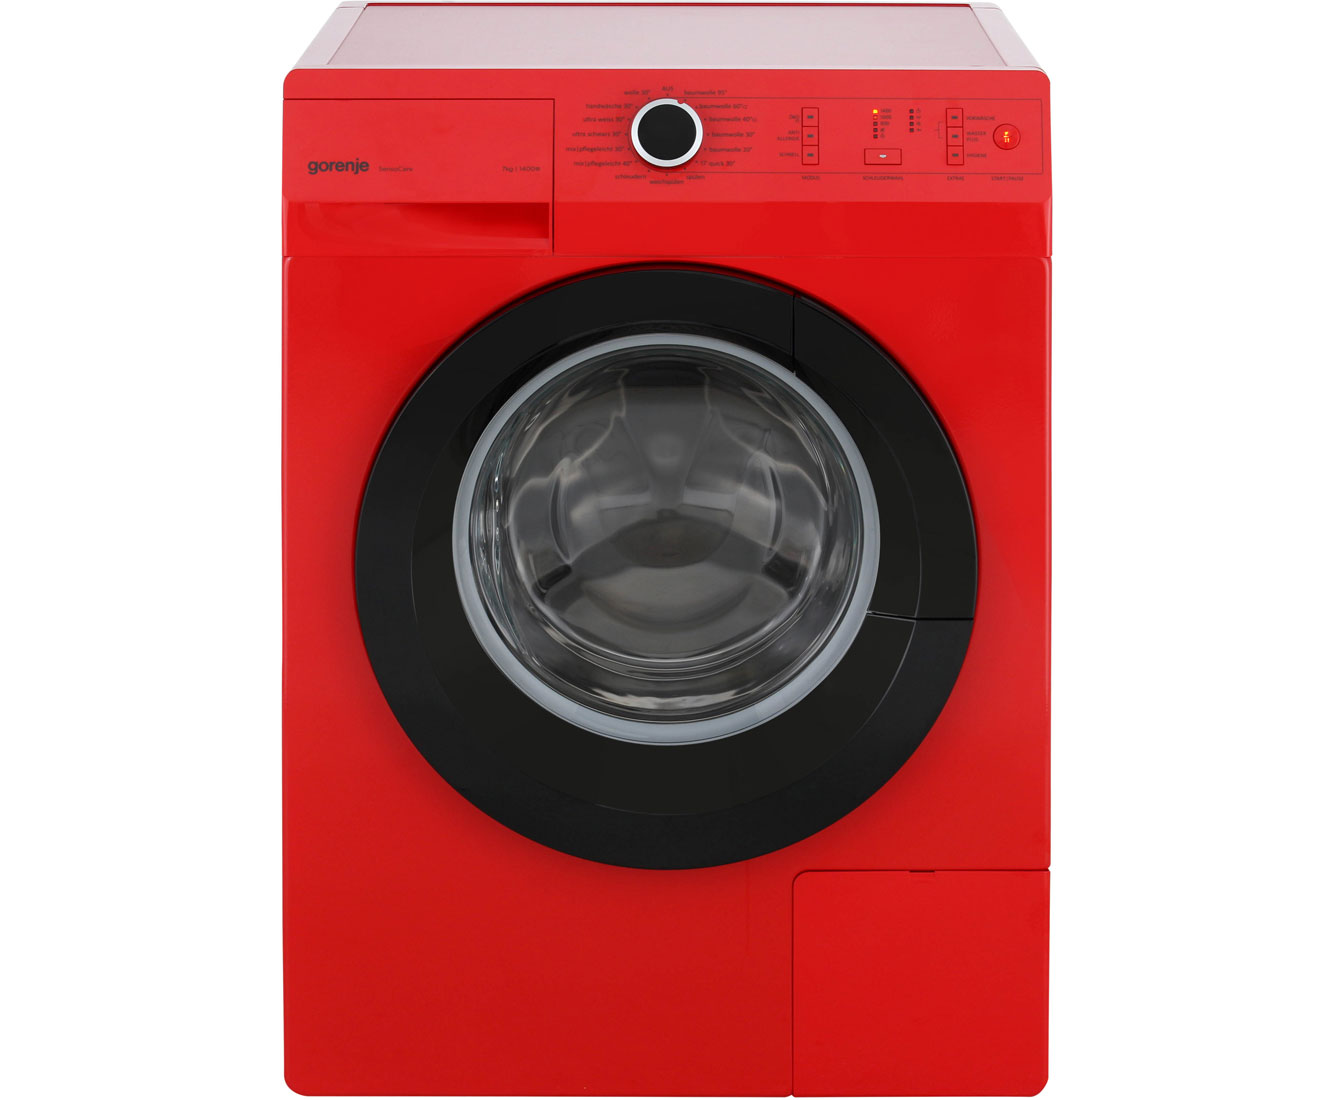 waschmaschine rot